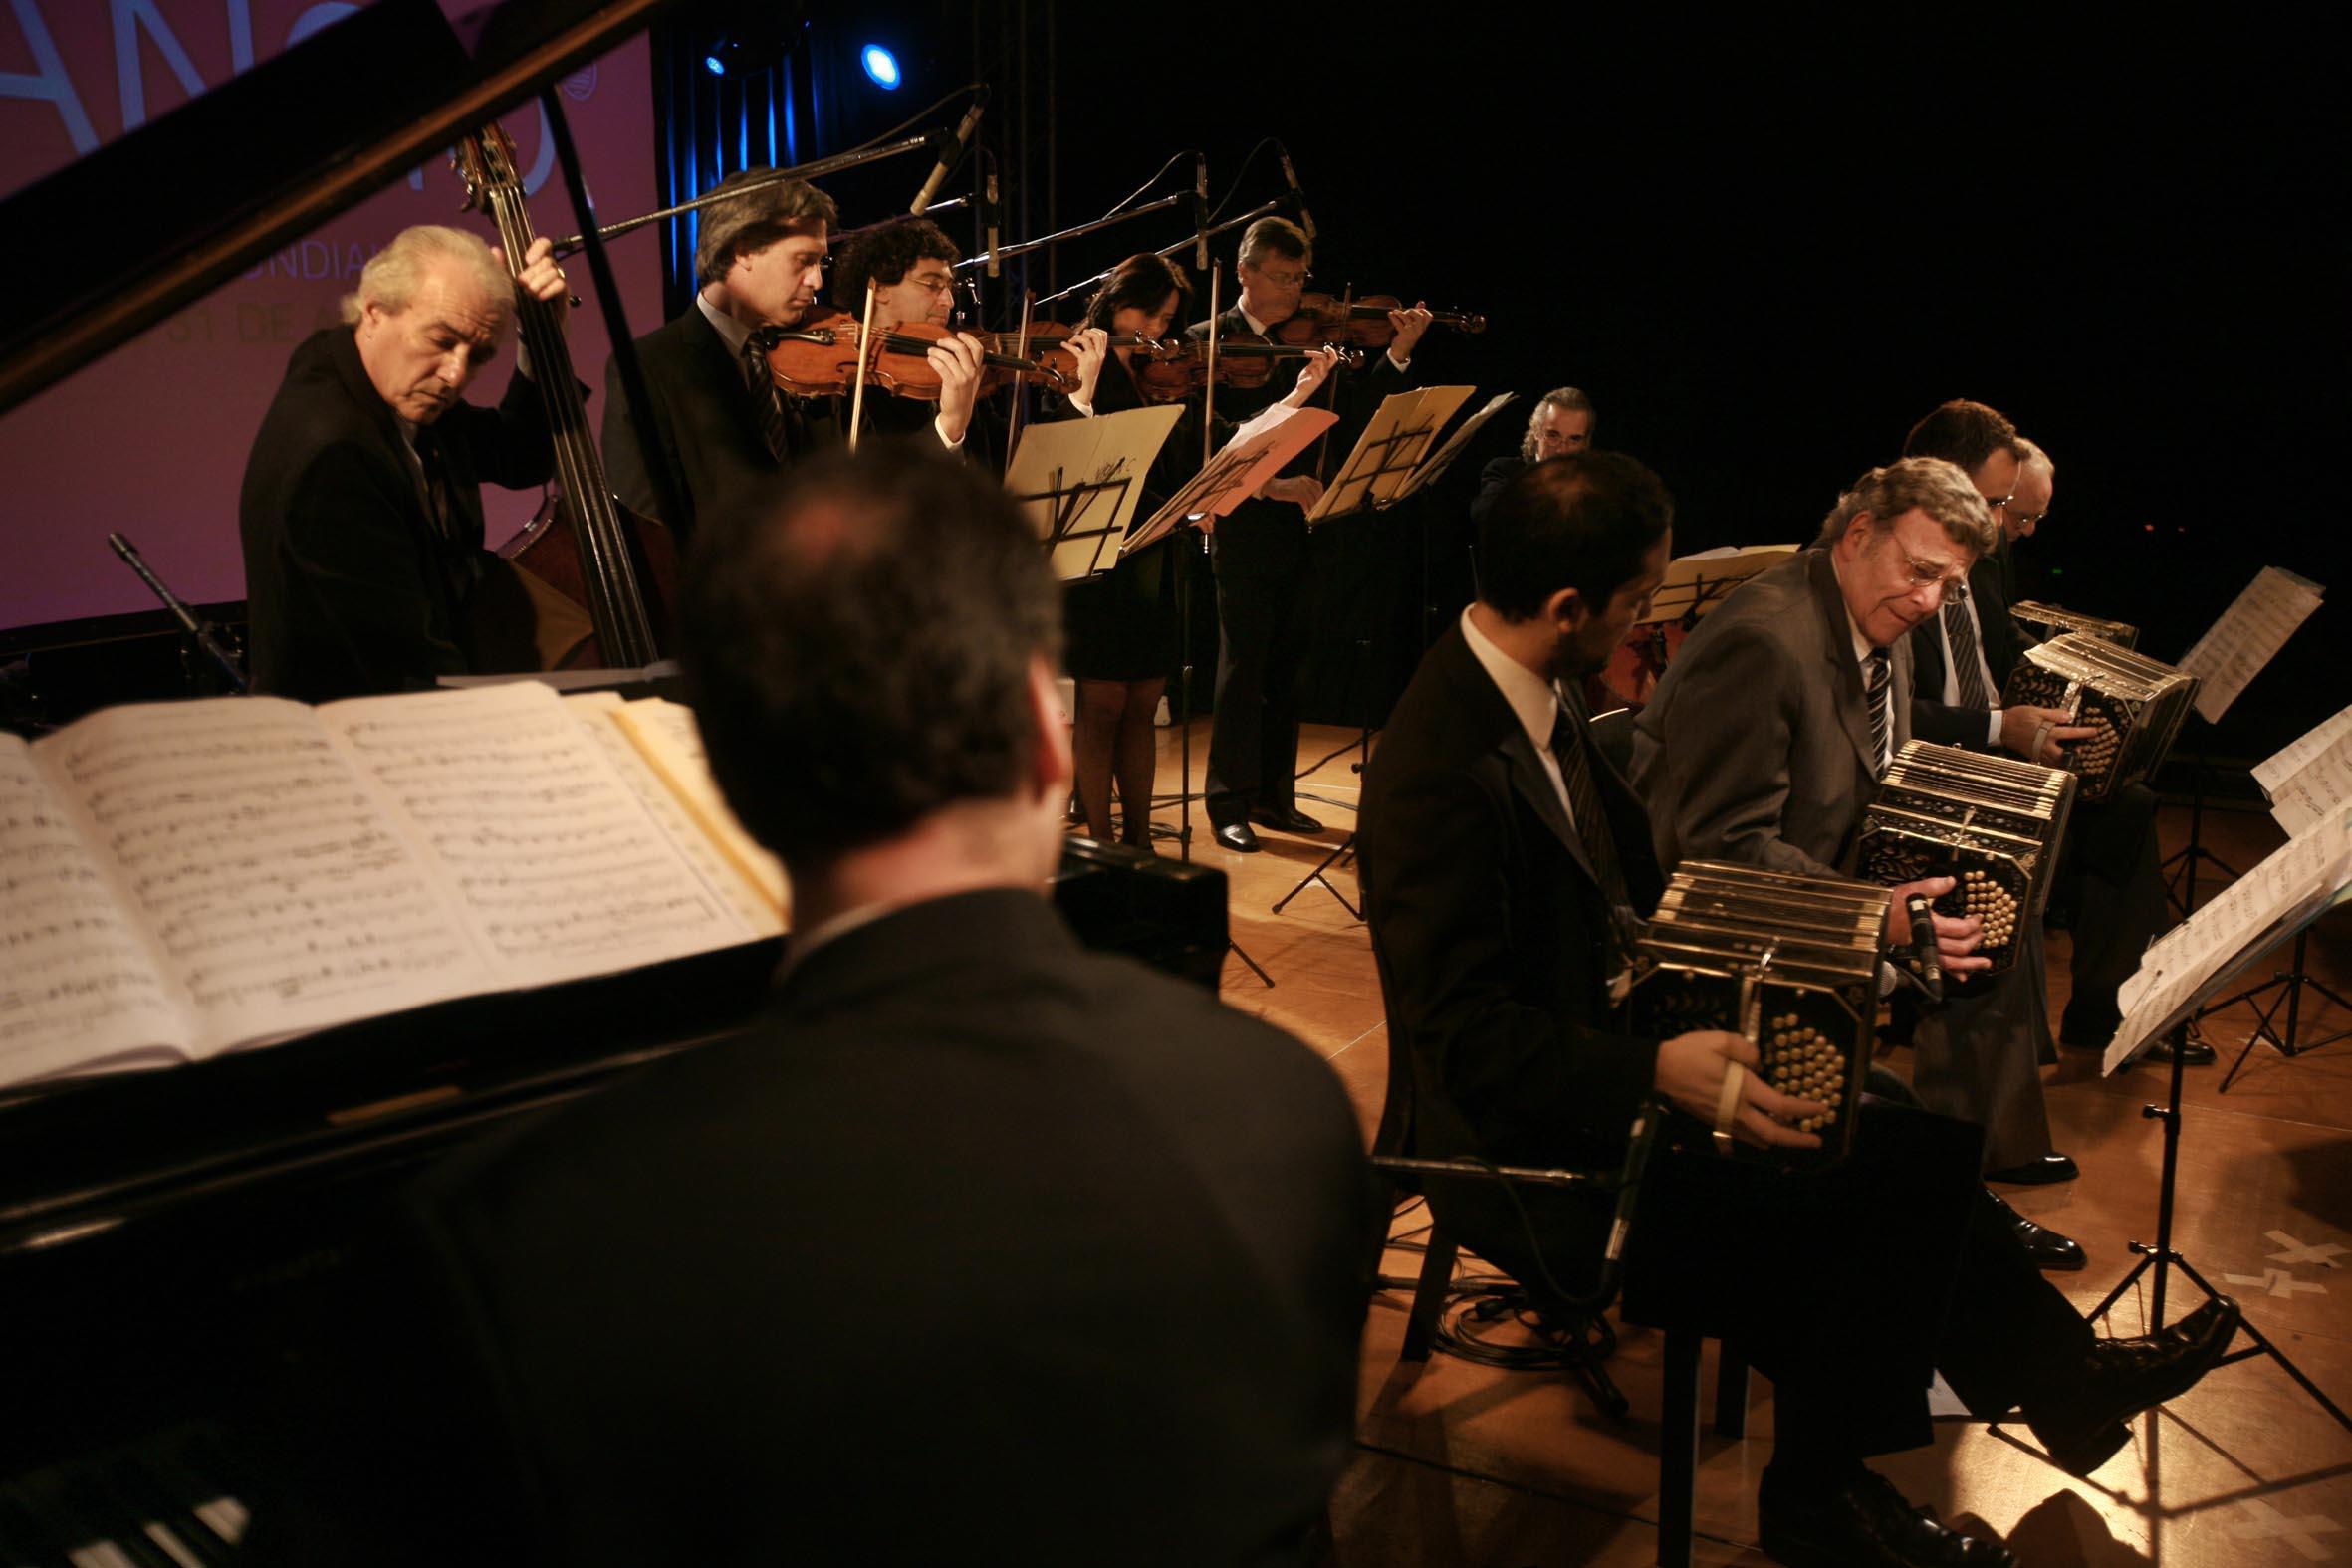 Festival Tango_Orquesta Leopoldo Federico_02